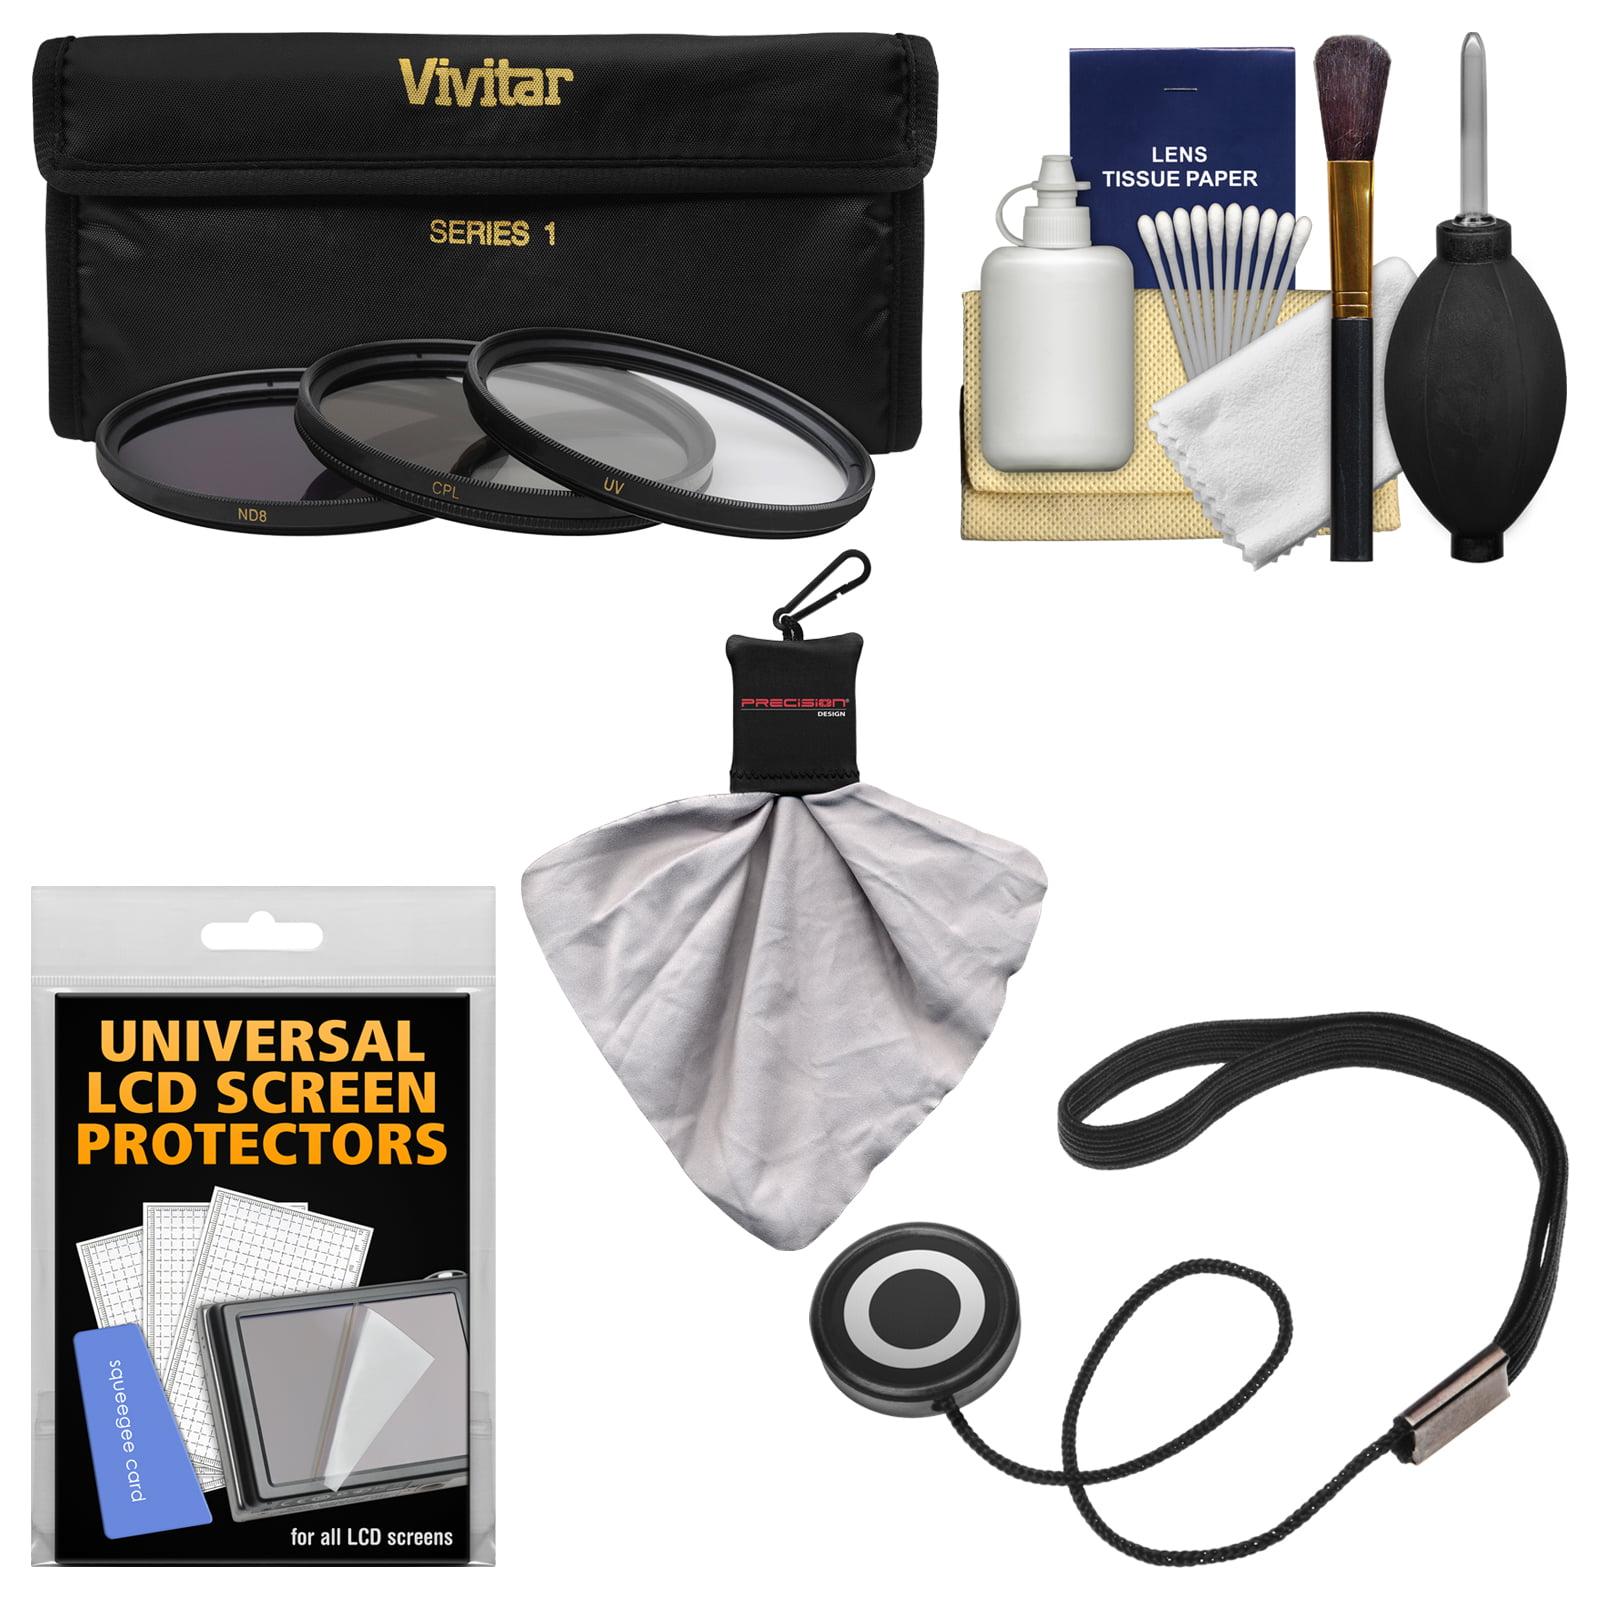 Essentials Bundle for Nikon 55-200mm f/4-5.6G VR DX AF-S ED Zoom-Nikkor Lens with 3 (UV/CPL/ND8) Filters + Accessory Kit